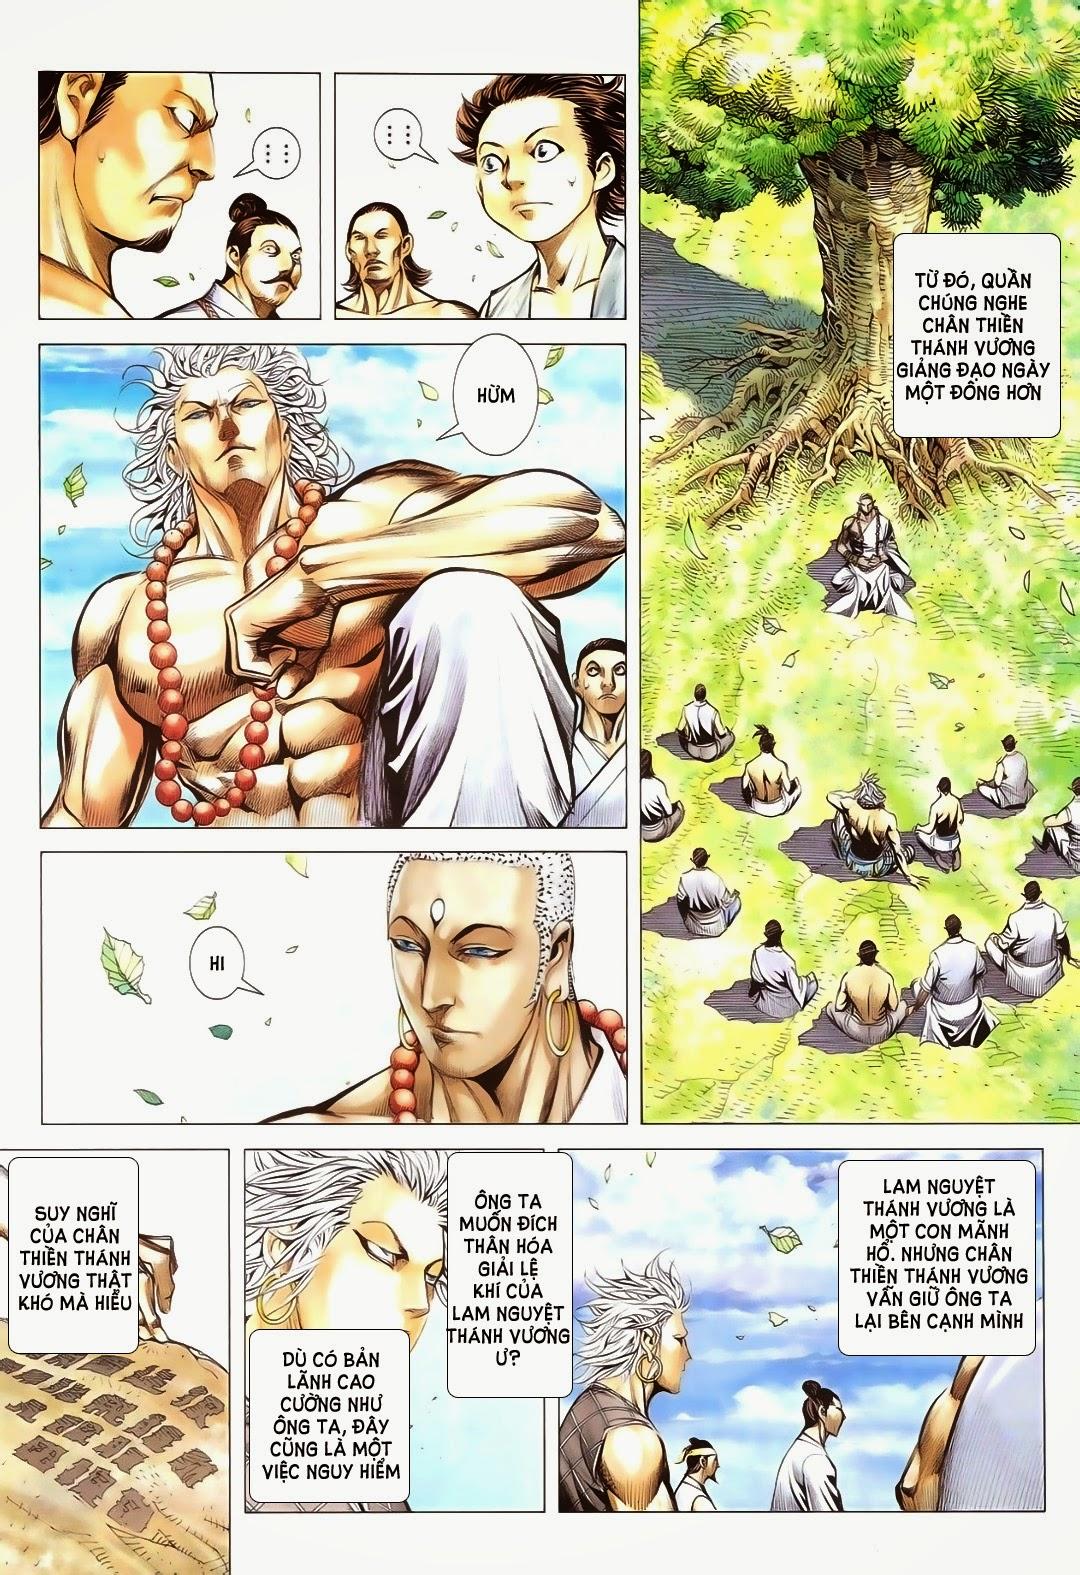 Phong Thần Ký chap 181 - Trang 19